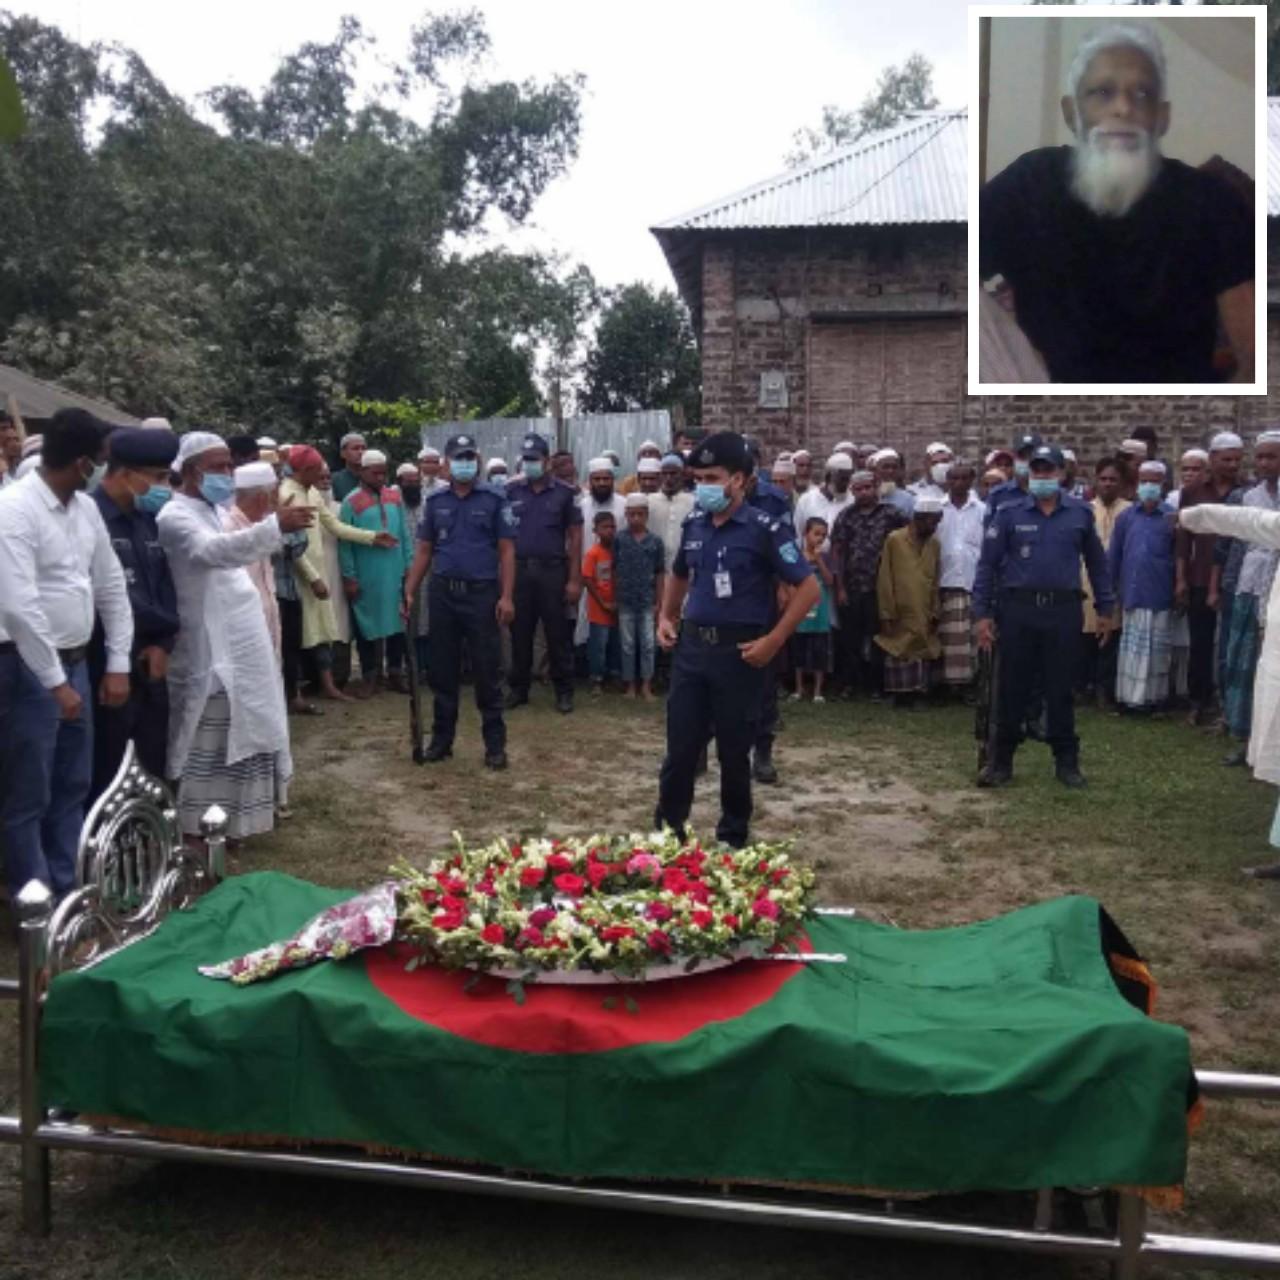 পঞ্চগড়ে মুক্তিযোদ্ধা নজরুলের রাষ্ট্রীয় মর্যাদায় দাফন